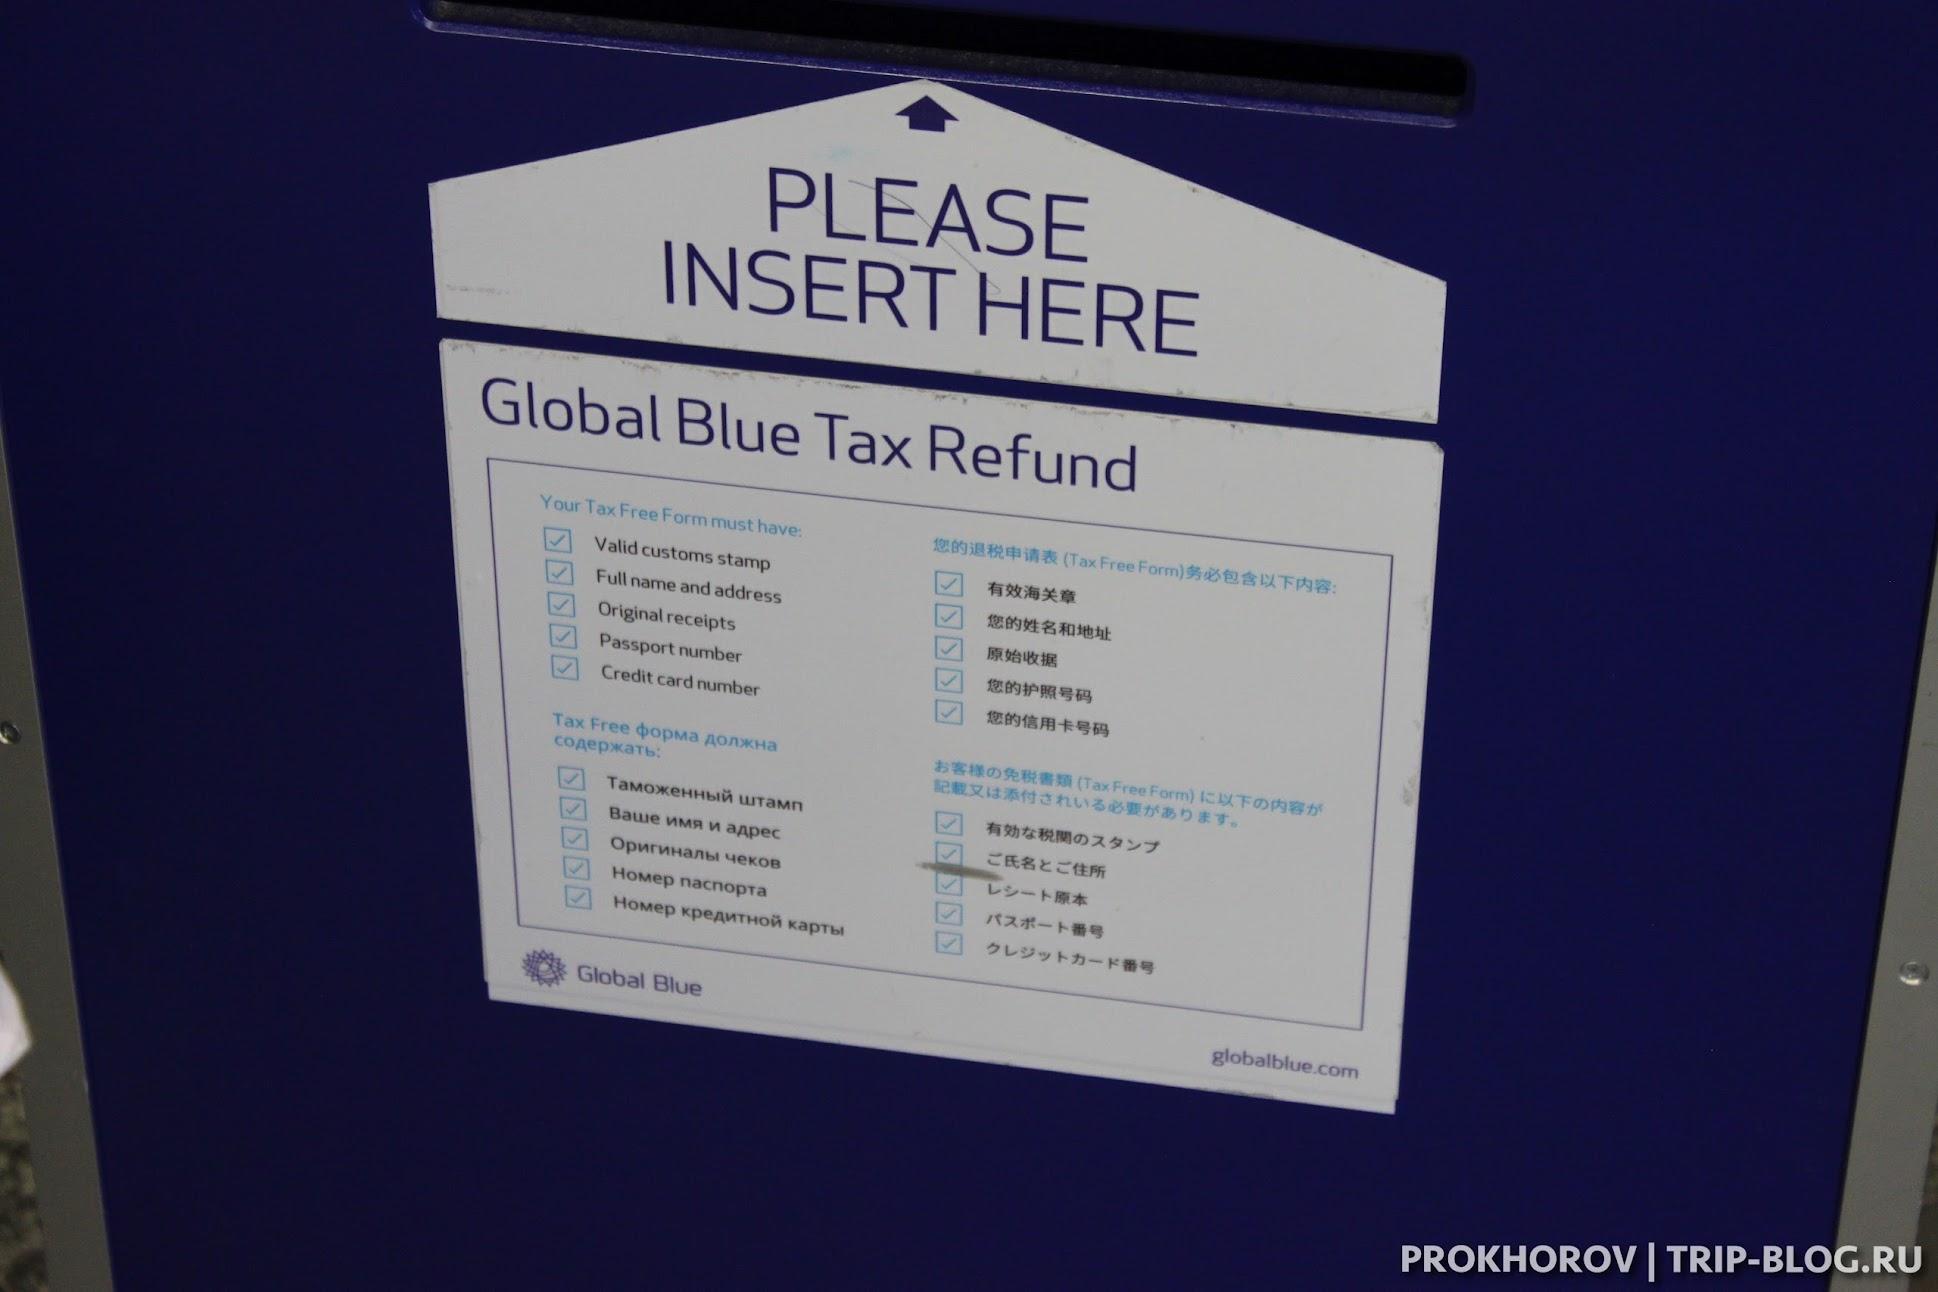 почтовчый ящик Global Blue - список документов